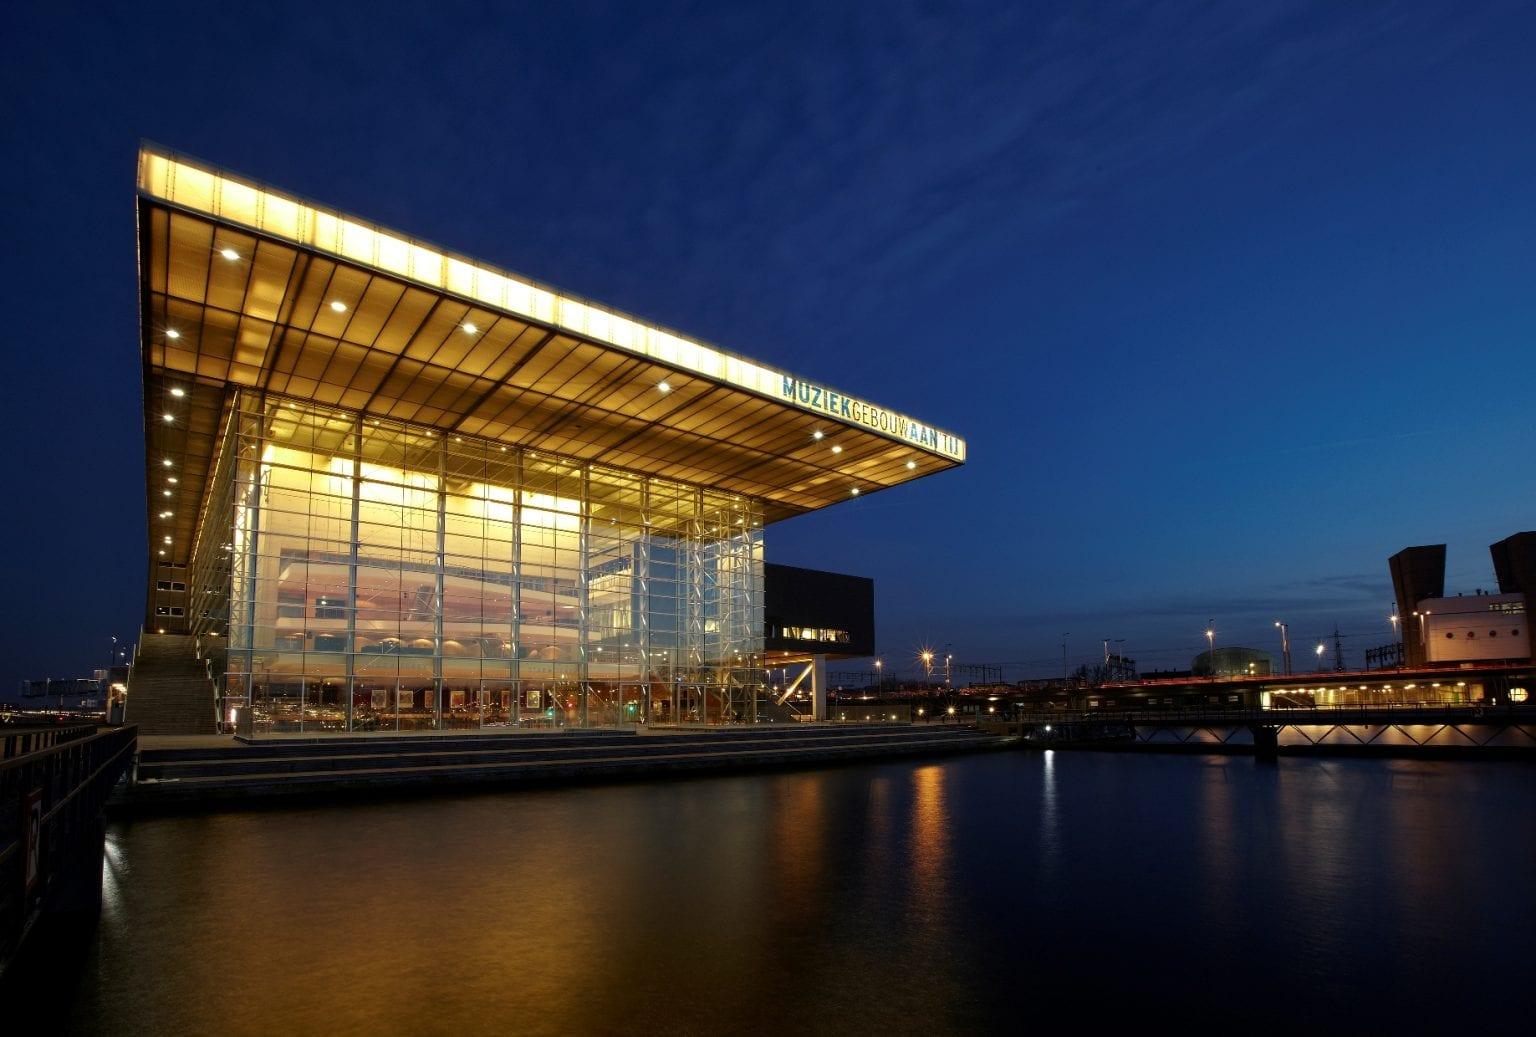 Muziekgebouw buitenaanzicht (3)